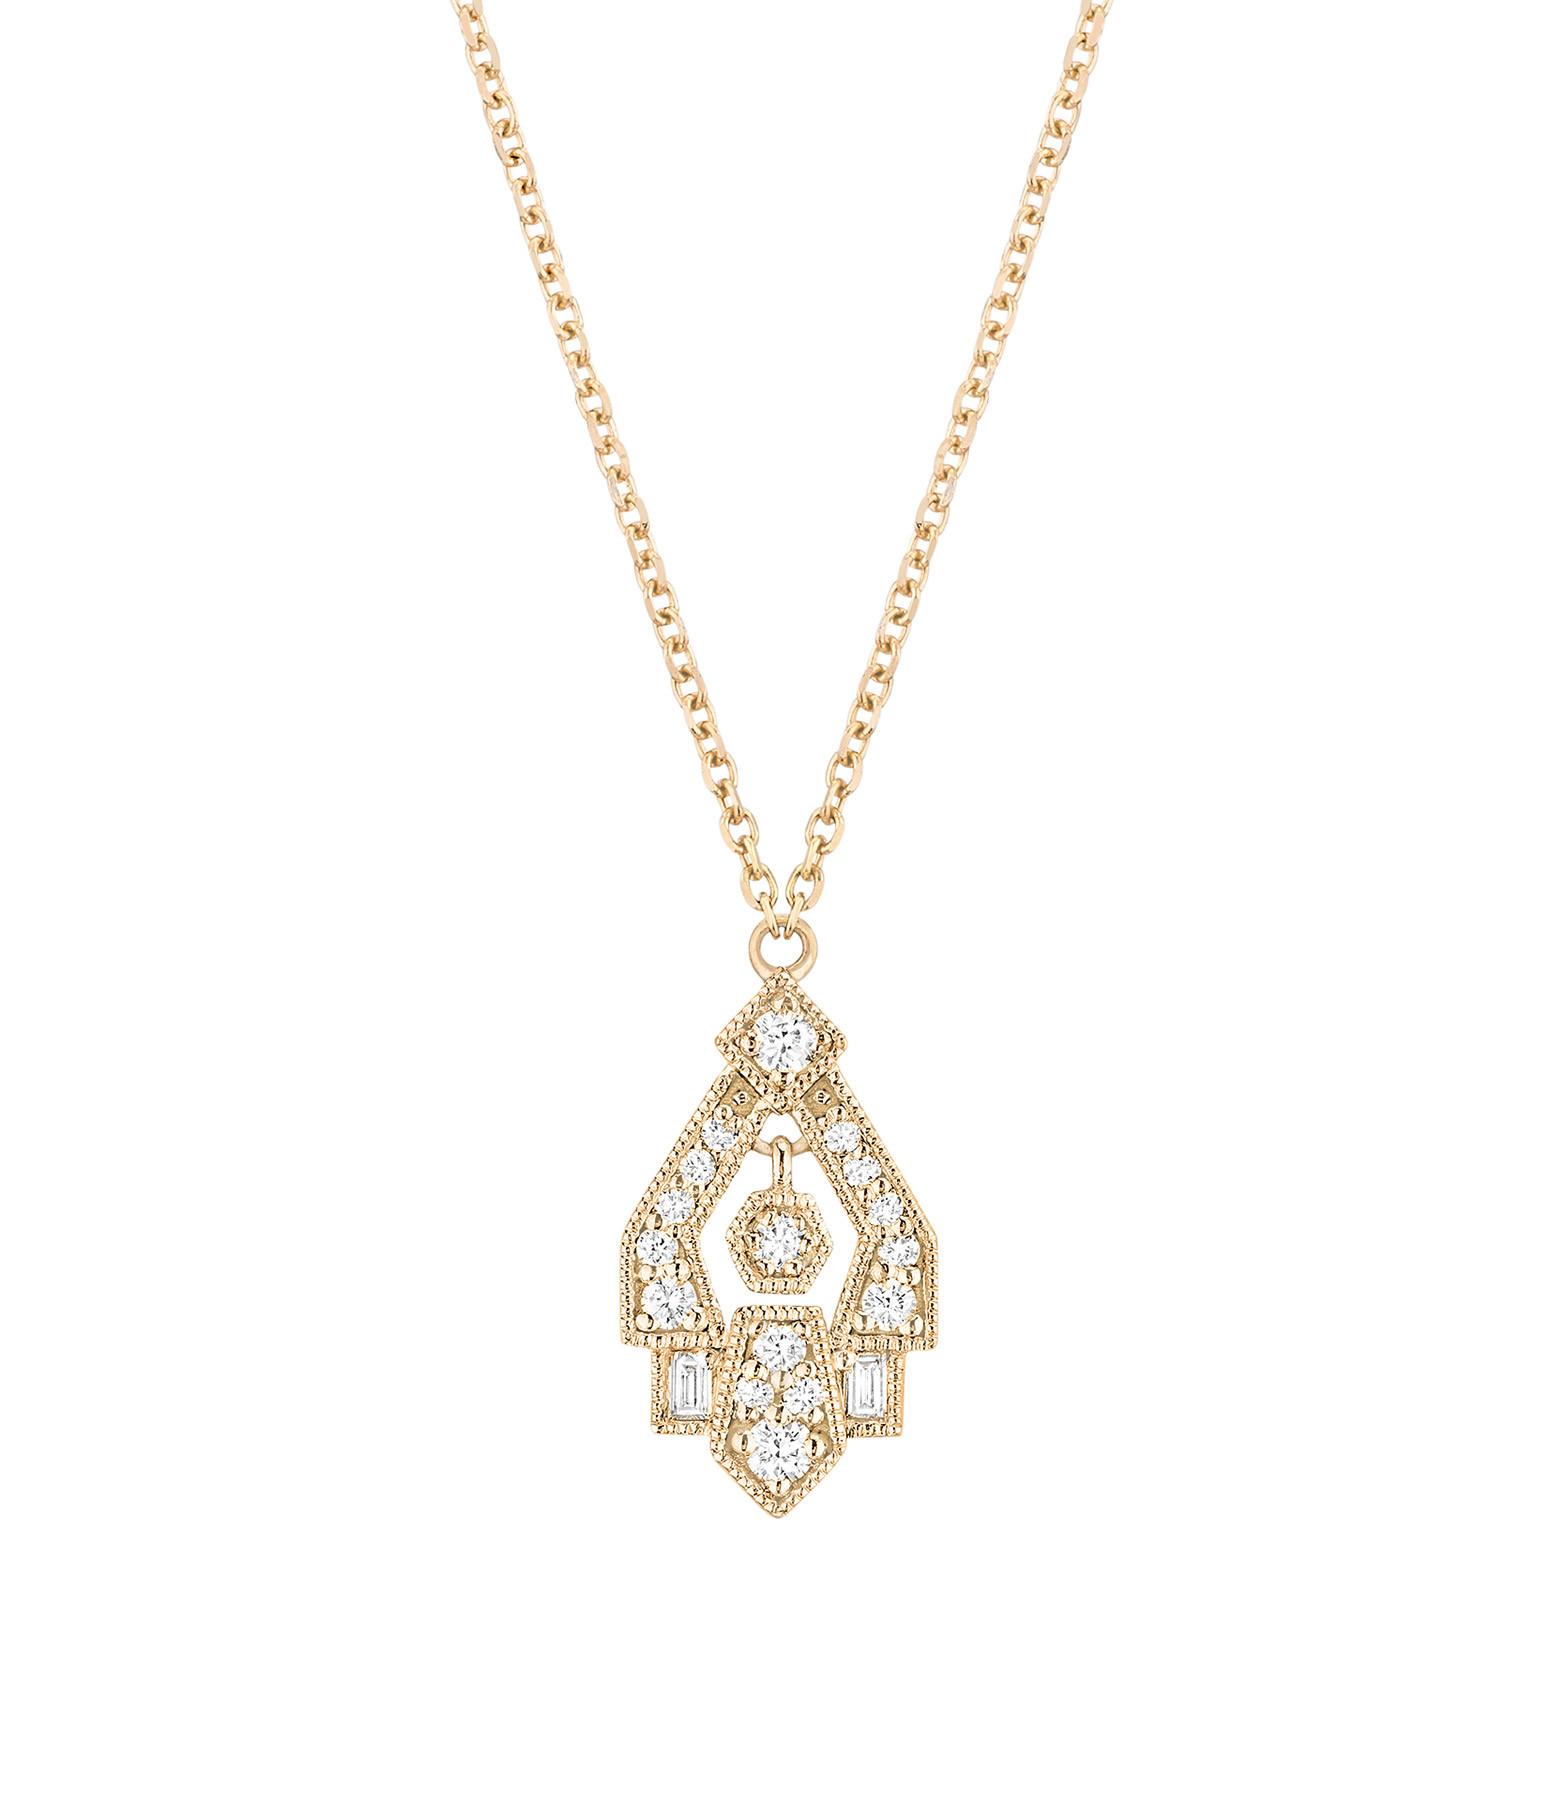 STONE PARIS - Collier Gilda Or Diamants